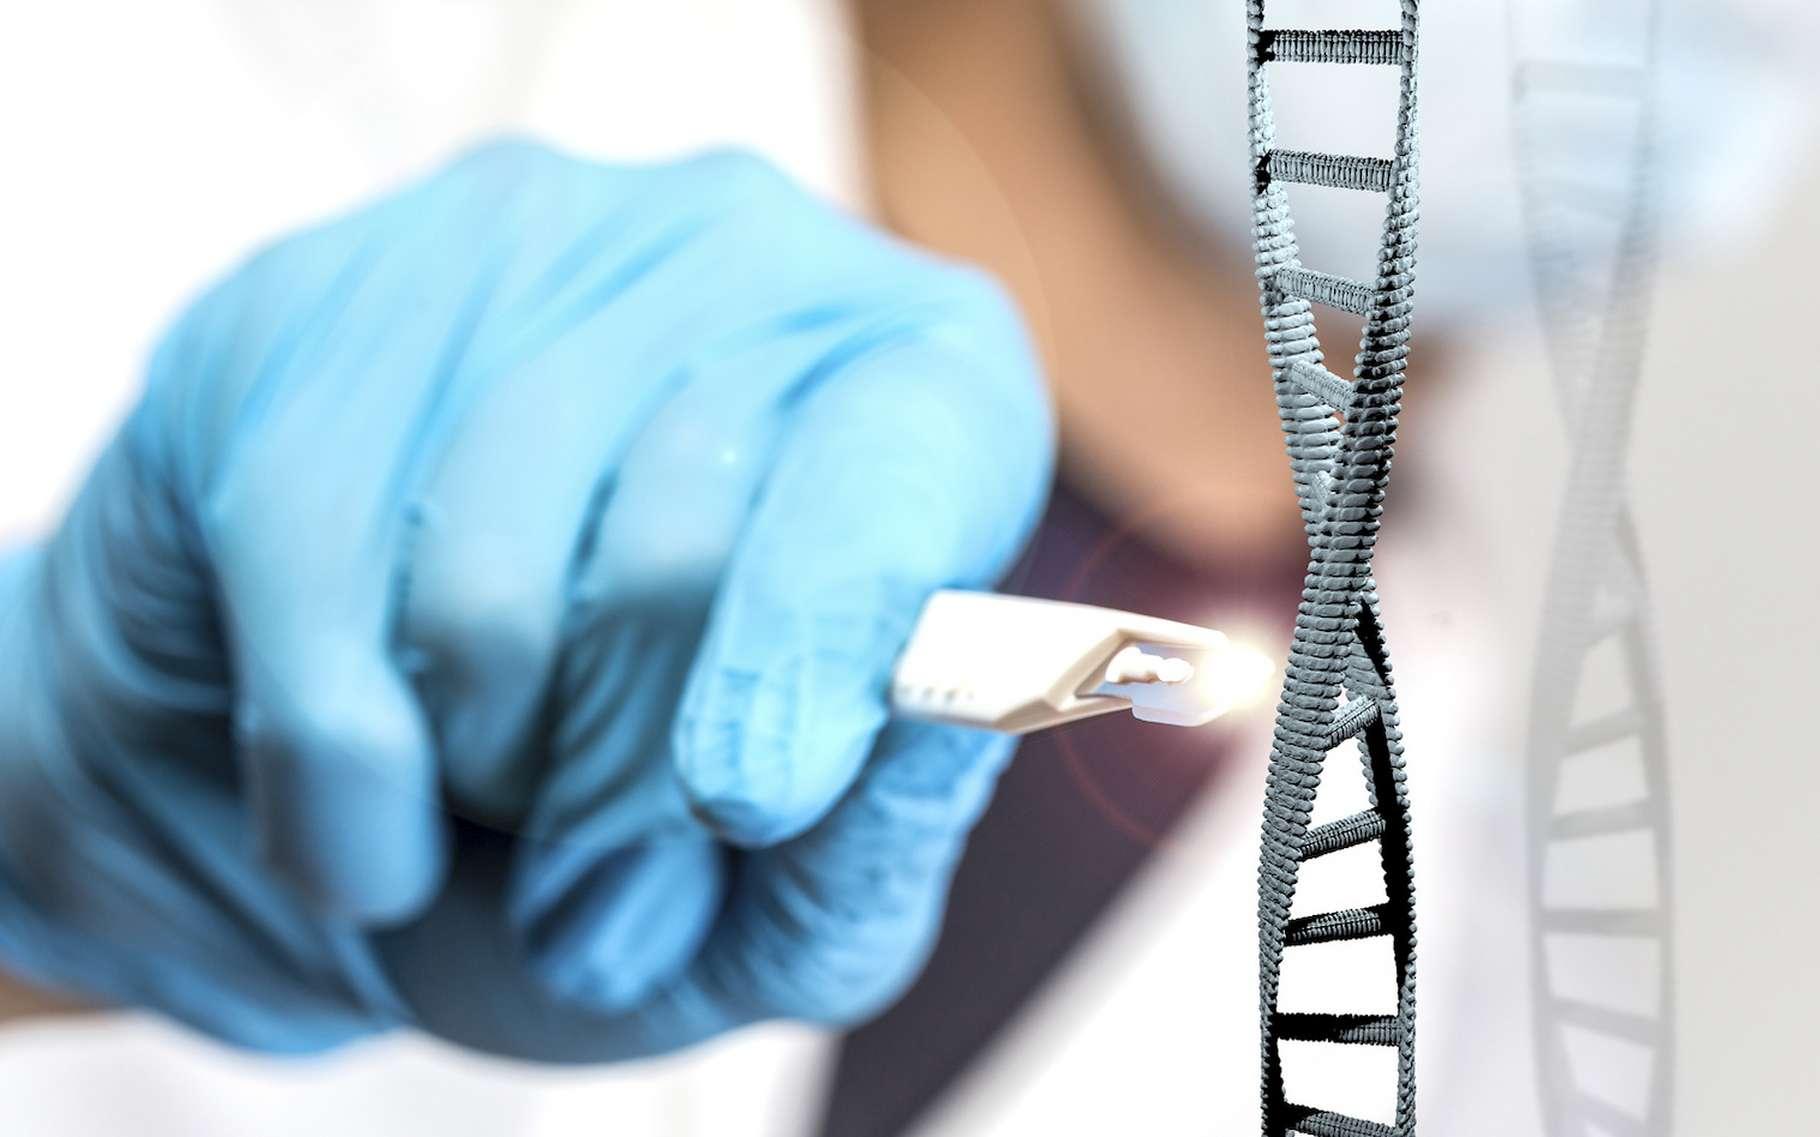 Des chercheurs recommandent d'utiliser l'édition génomique avec prudence après que leur tentative de production d'un variant de manioc résistant au virus de la mosaïque a entraîné une mutation du virus résistante à leurs interventions. © Tobias Arhelger, Fotolia